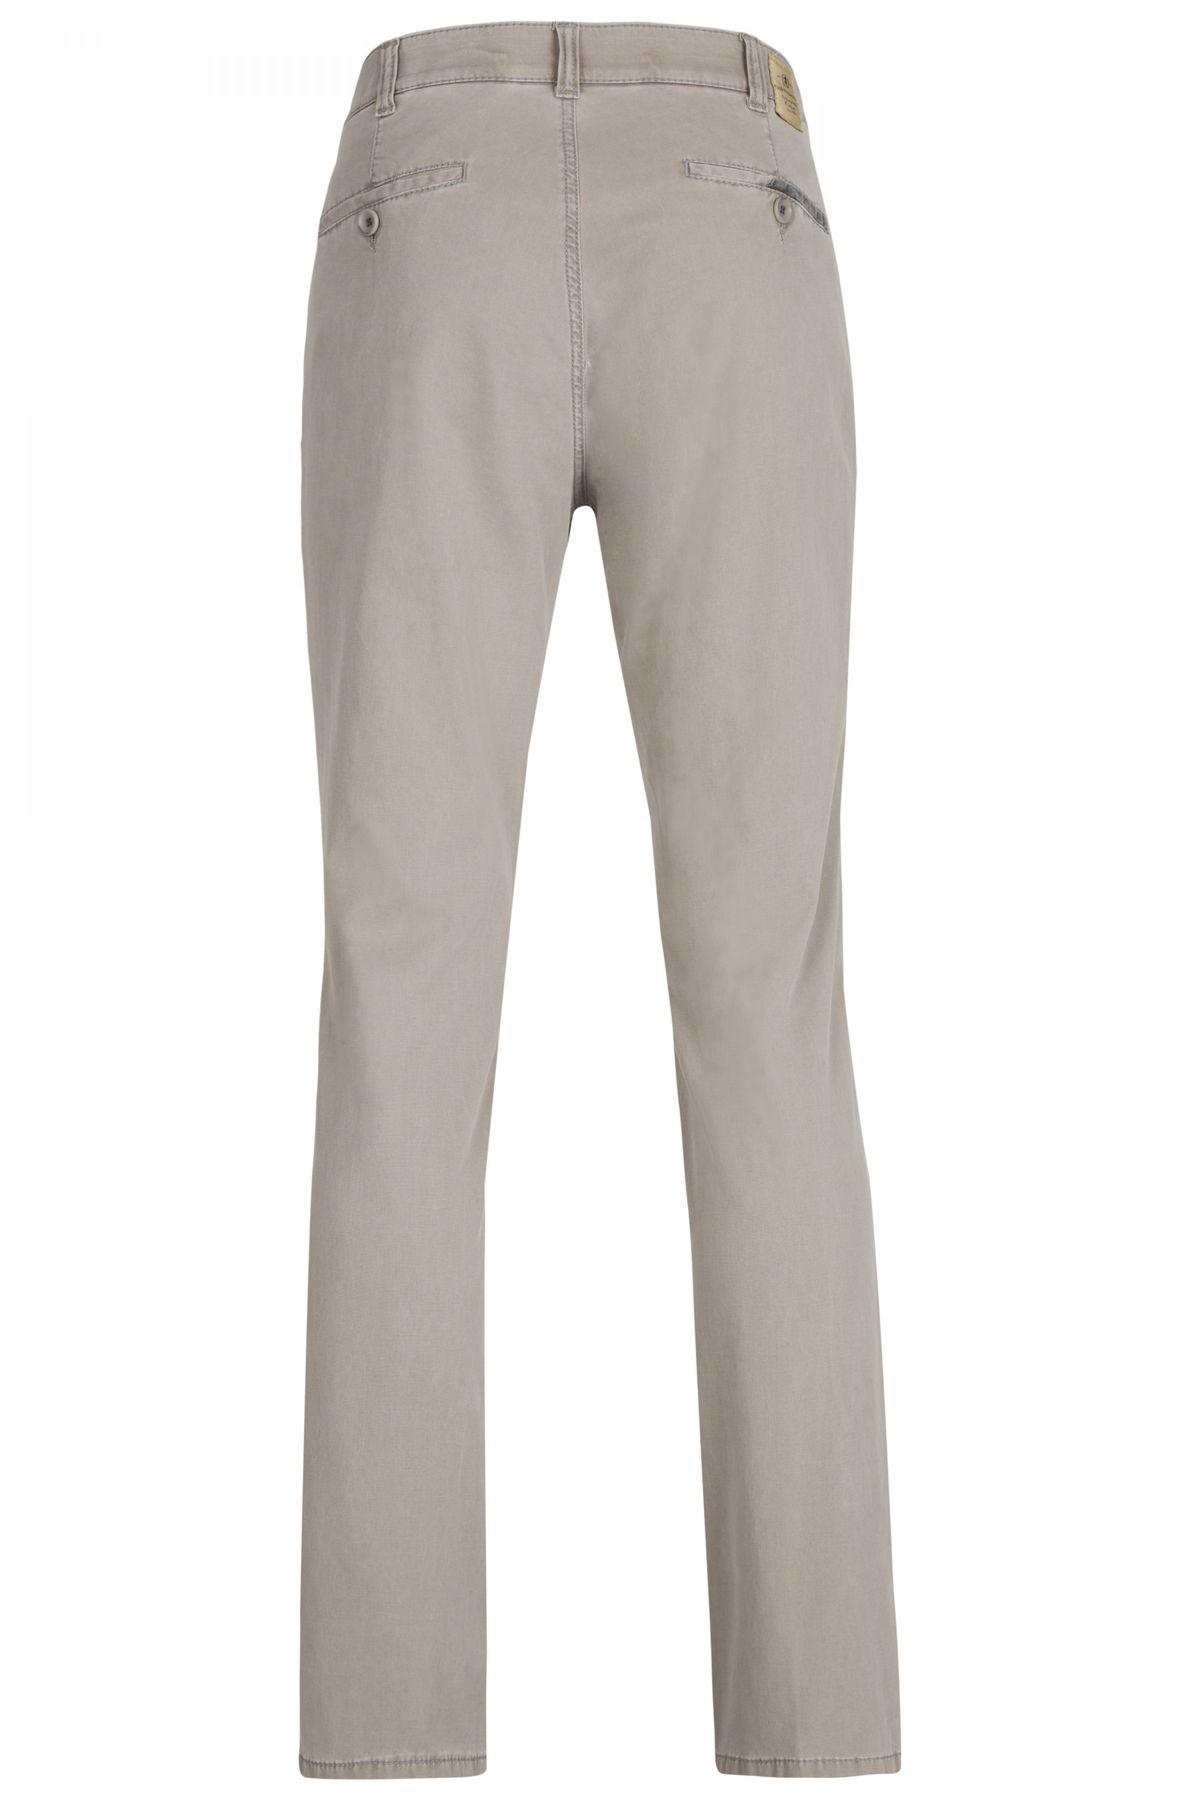 Bundle - Club of Comfort - Herren Swing Pocket Jeans, Regular Leg, in 3 Farben, Keno (6527) – Bild 3